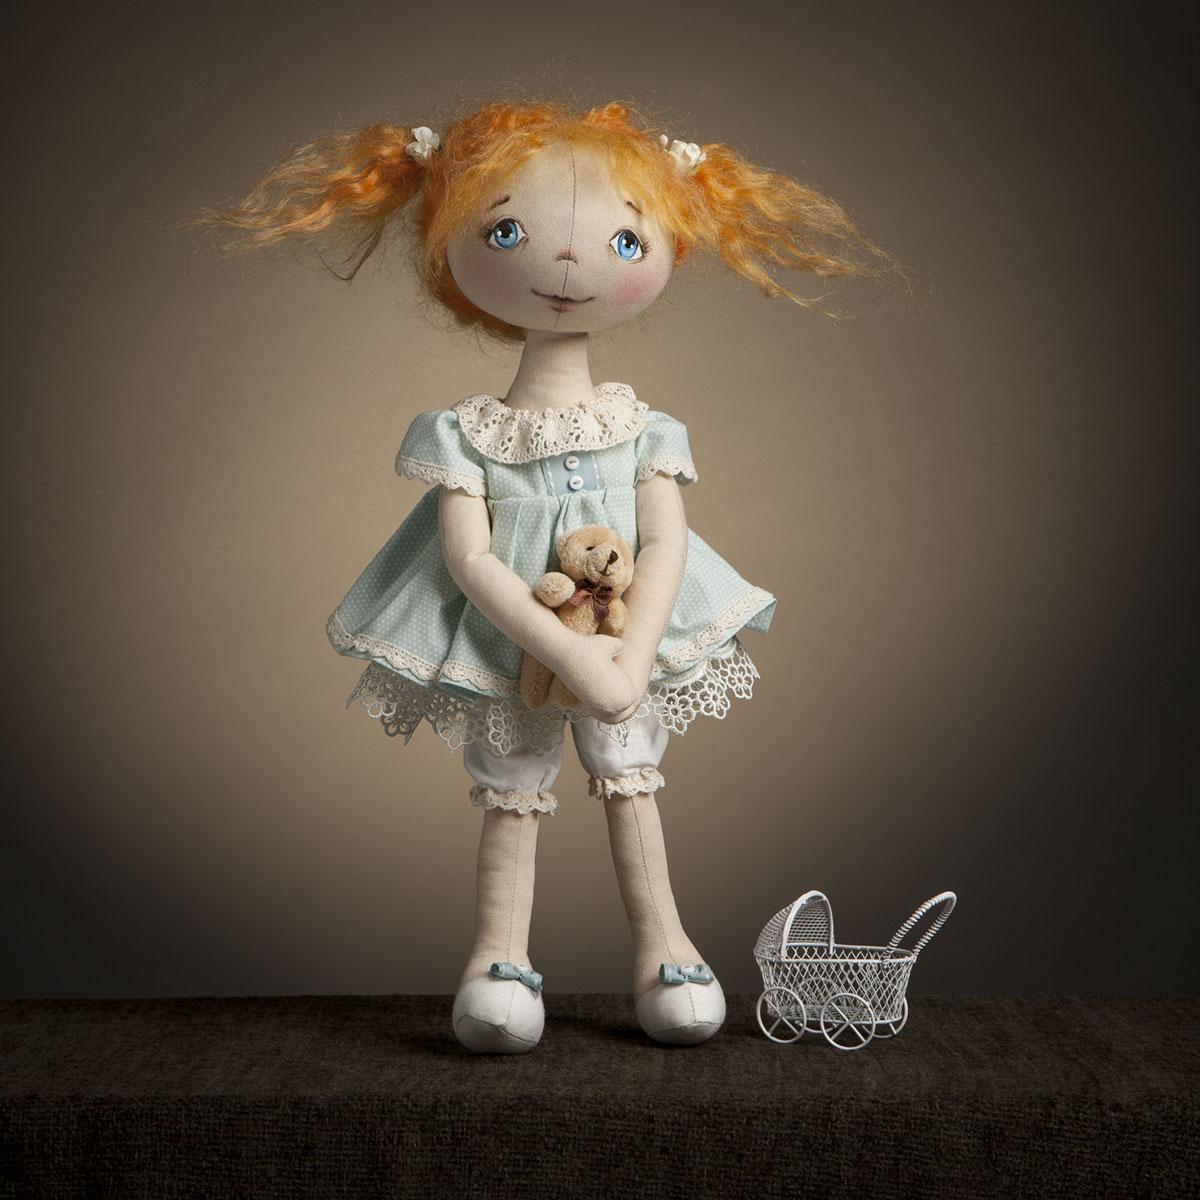 Настоящие коллекционные куклы и игрушки своими руками! Мягкость кружева, блеск атласа, обилие мелких деталей - восхитит всех! А так же трессы, обувь, ткань для шитья тела кукол. Модное х0бби. Выкуп 5/16